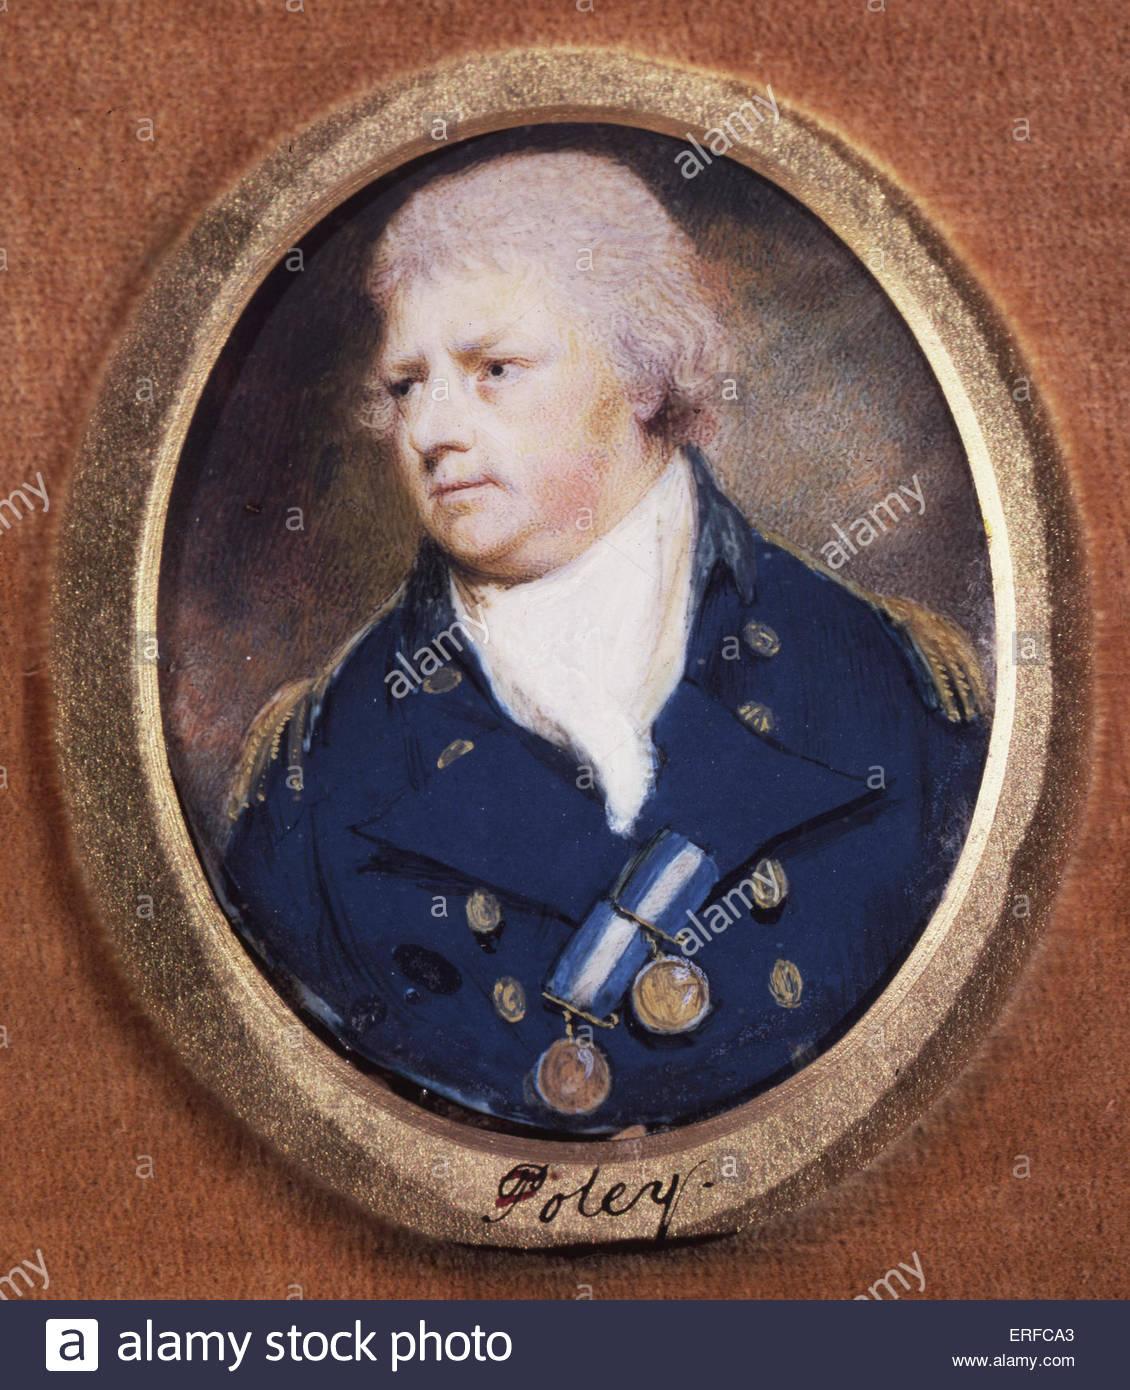 Ritratto in miniatura del capitano Thomas Foley, c.1800, indossando il capitano 1795-1812 uniforme. La cortesia Immagini Stock